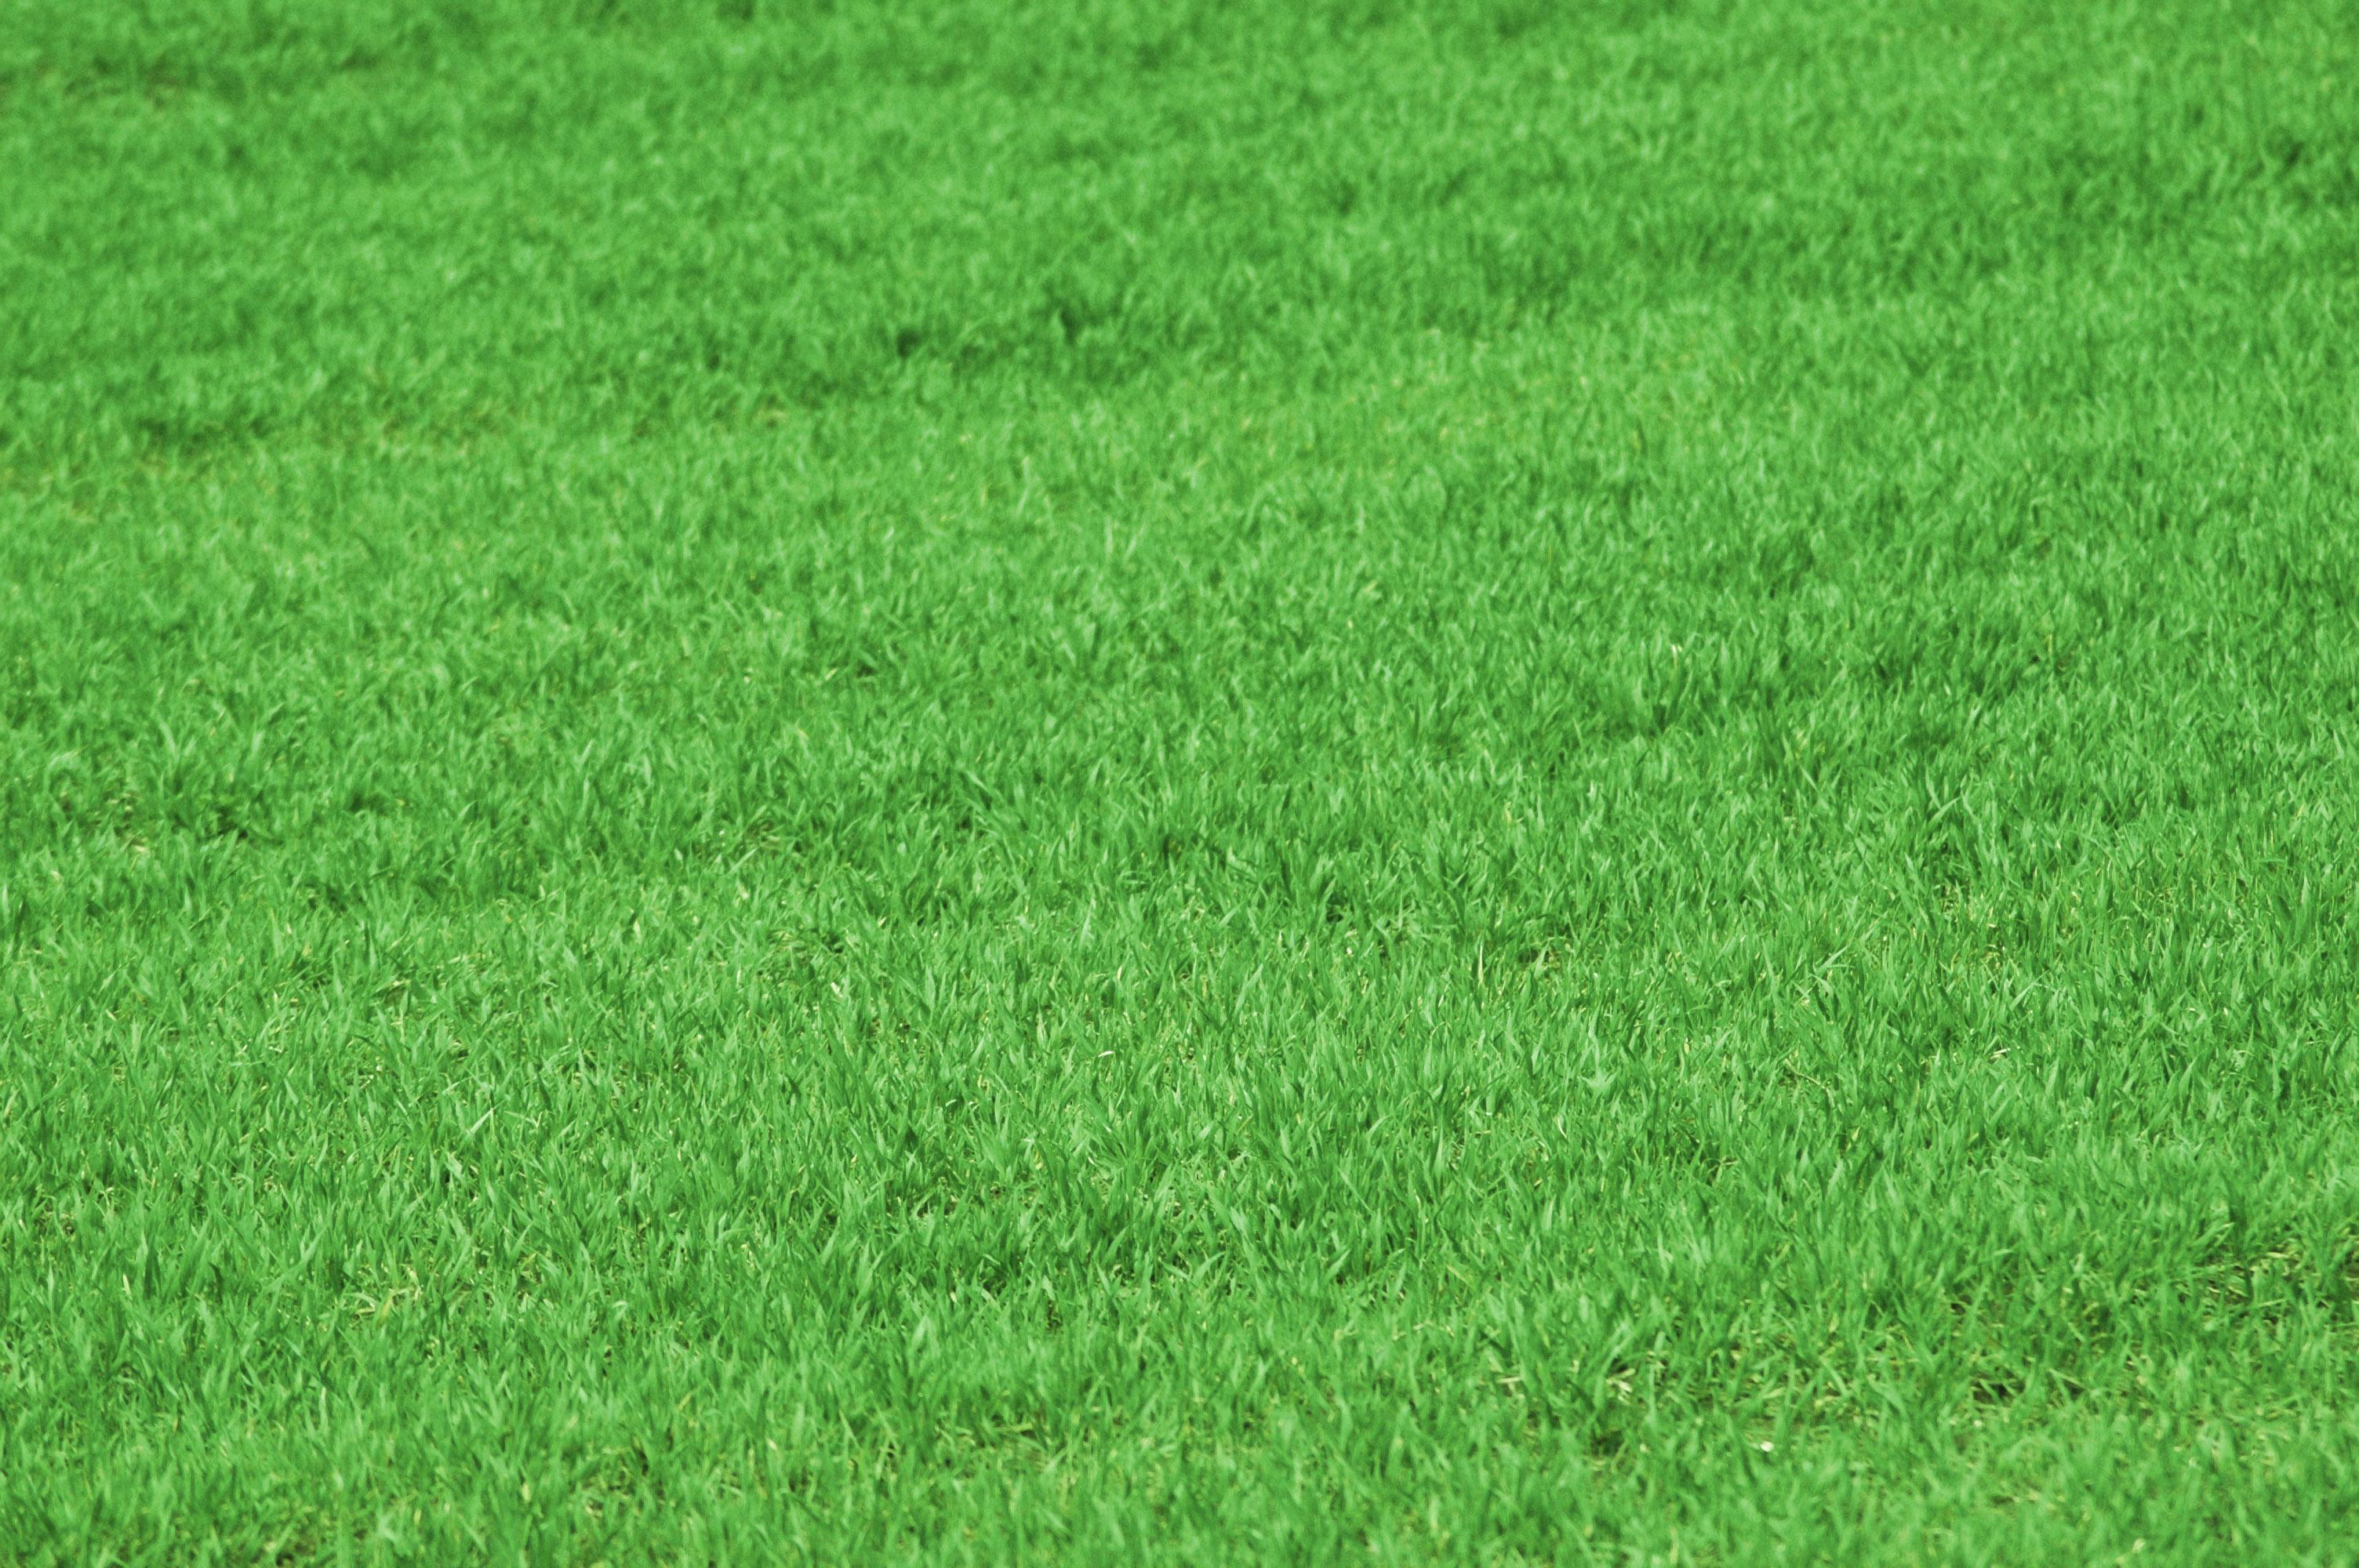 Grass Texture, Grass, Green, Nature, Spring, HQ Photo